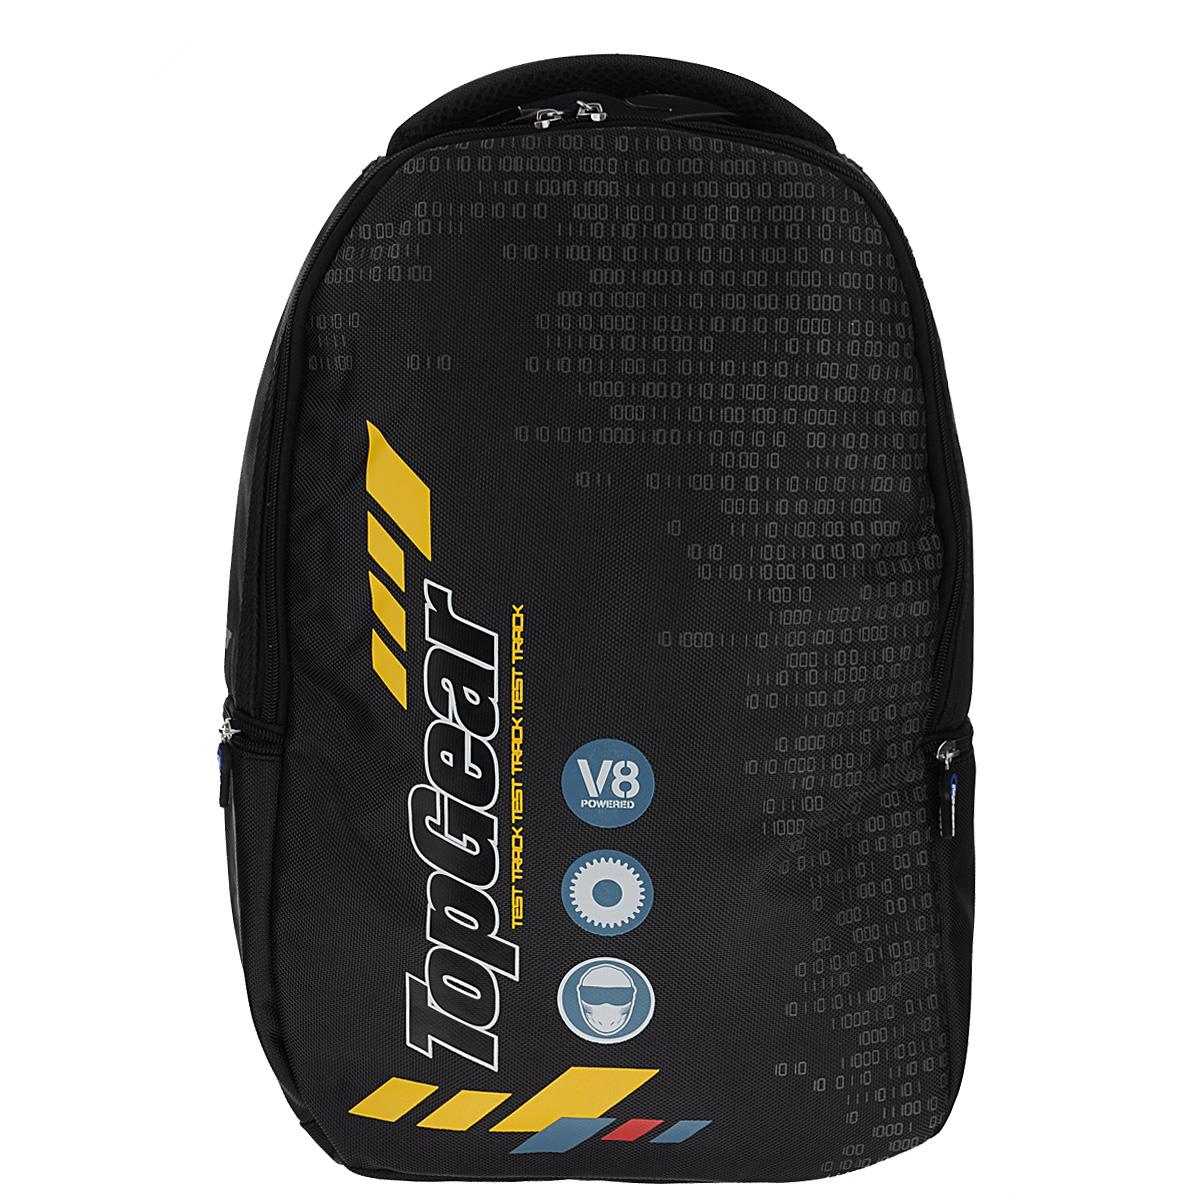 Рюкзак молодежный Proff Top Gear, цвет: черный81010/TGРюкзак молодежный Proff Top Gear сочетает в себе современный дизайн, функциональность и долговечность.Он выполнен из водонепроницаемого, морозоустойчивого материла черного цвета. Содержит одно вместительное отделение, закрывающееся на пластиковый замок-молнию с двумя бегунками. Бегунки застежки дополнены прорезиненными держателями. Внутри отделения имеются пять накладных горизонтальных открытых кармашка, два кармашка на молнии, один из которых карман-сеточка. Также имеется брелок для ключей. Рюкзак имеет два вшитых боковых кармана, закрывающиеся на молнии. Конструкция спинки дополнена двумя эргономичными подушечками, противоскользящей сеточкой для предотвращения запотевания спины. Мягкие широкие лямки позволяют легко и быстро отрегулировать рюкзак в соответствии с ростом. Рюкзак оснащен удобной текстильной ручкой для переноски в руке. Под ручкой находится небольшой кармашек с мягкой подкладкой, который можно использовать для небольшого мобильного телефона.Этот рюкзак можно использовать для повседневных прогулок, отдыха и спорта, а также как элемент вашего имиджа.